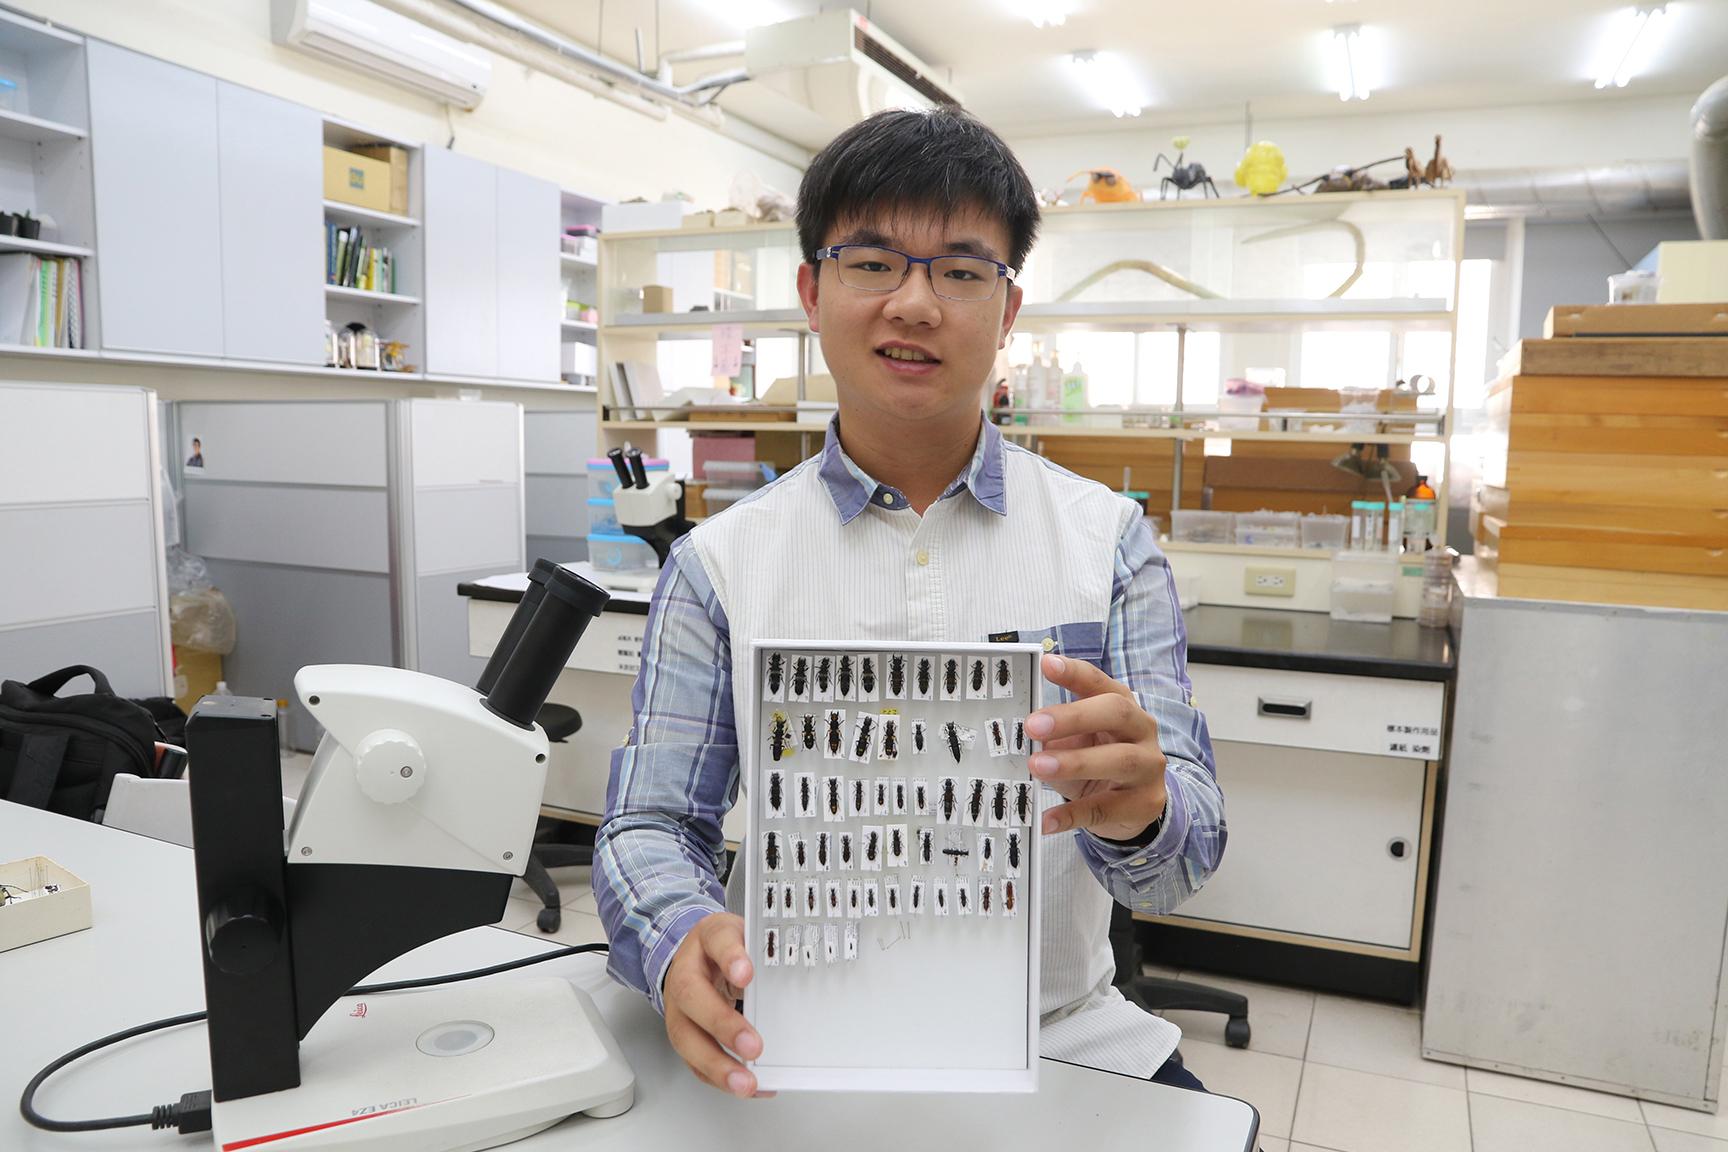 興大昆蟲系大學生胡芳碩,鍾情隱翅蟲研究,兩年發表10篇國際論文。